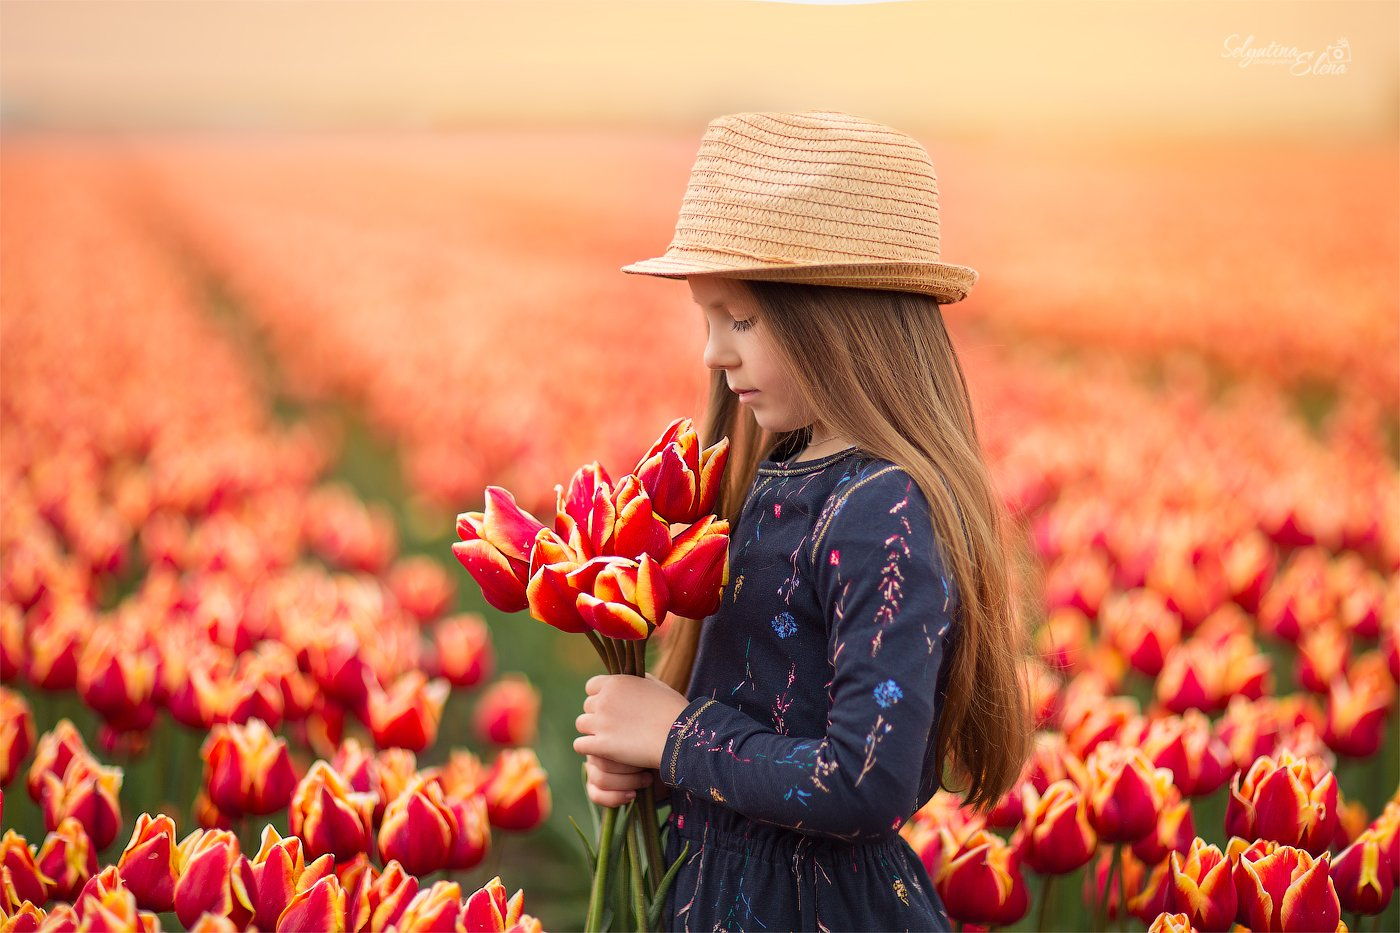 tulip, spring, kids photographer, children photographer, детский фотограф, тюльпан, тюльпаны, портрет, детский портрет, цветы , Elena Selyutina